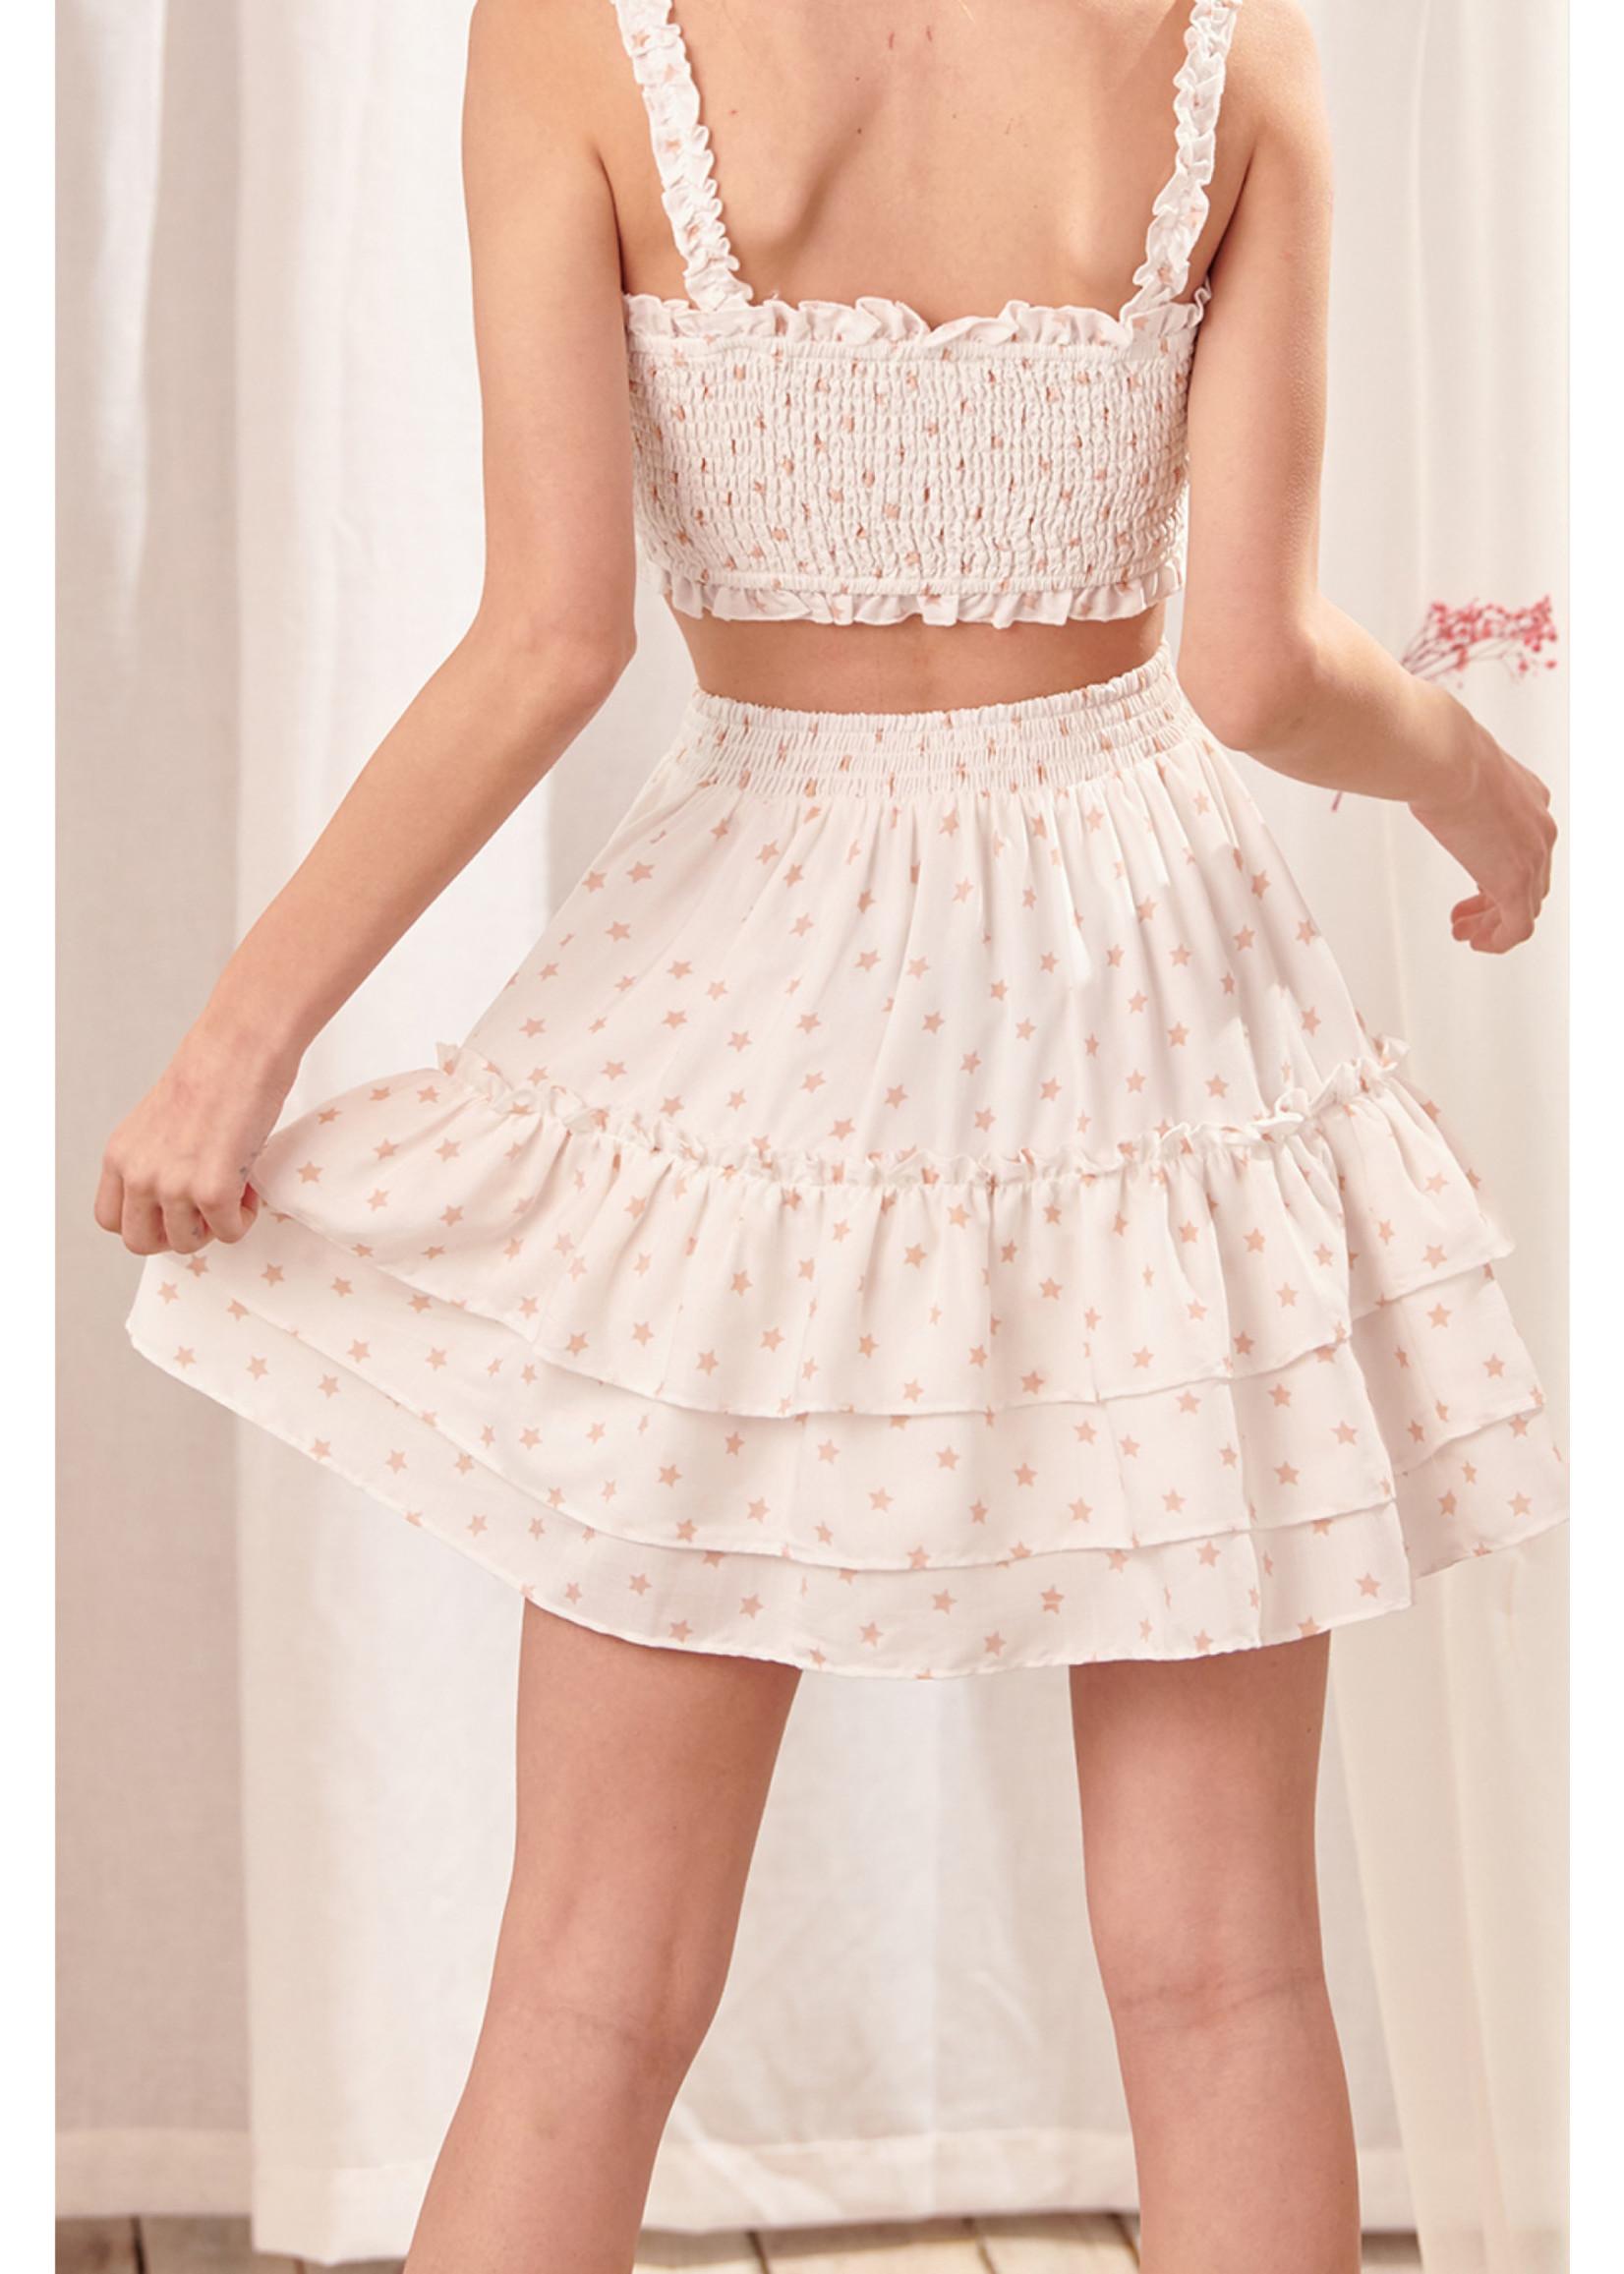 Storia Star Print Mini Skirt - JS3174